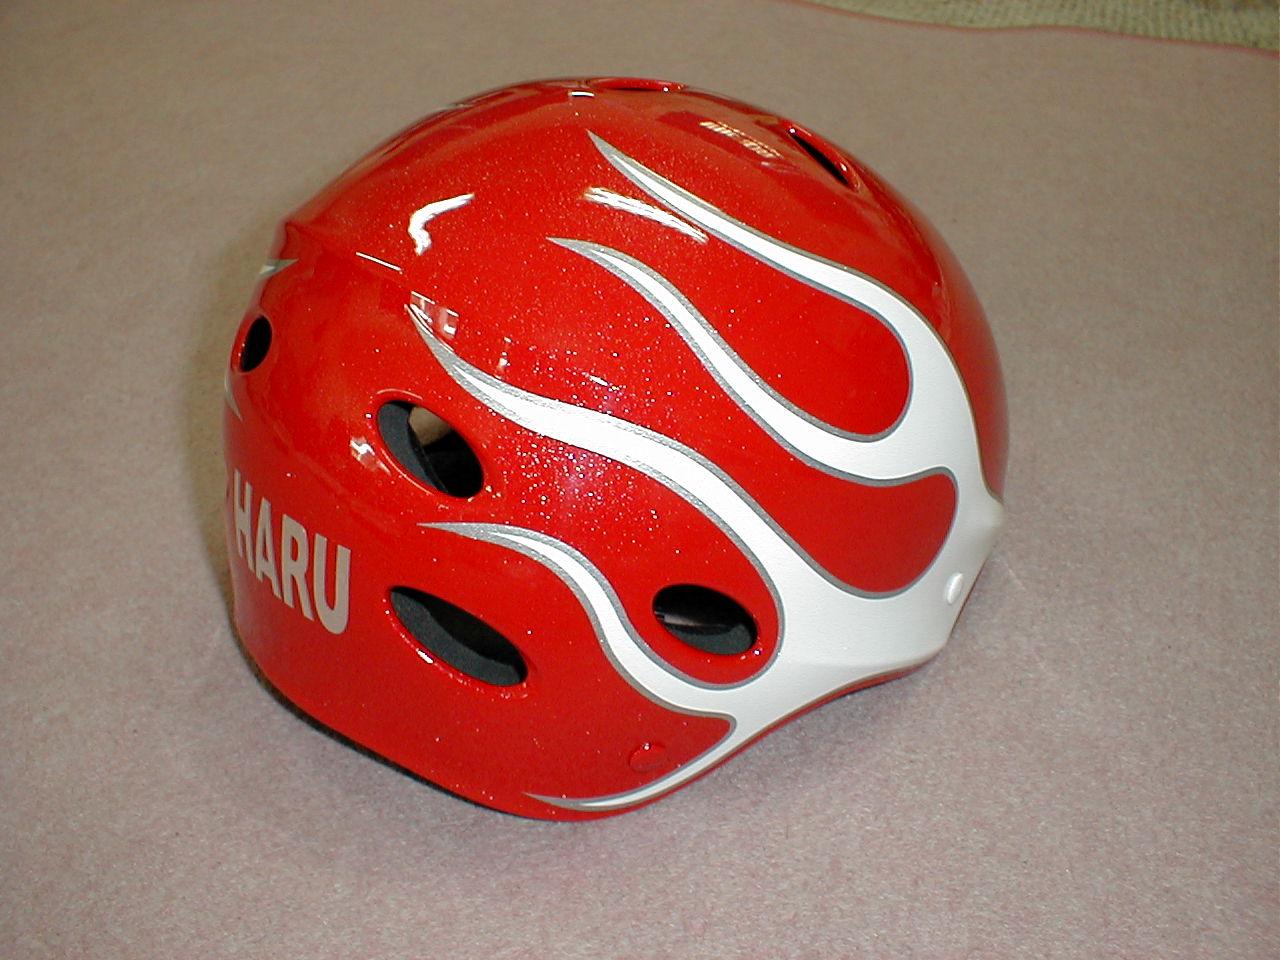 カヌー?ウオータースポーツ用ヘルメット